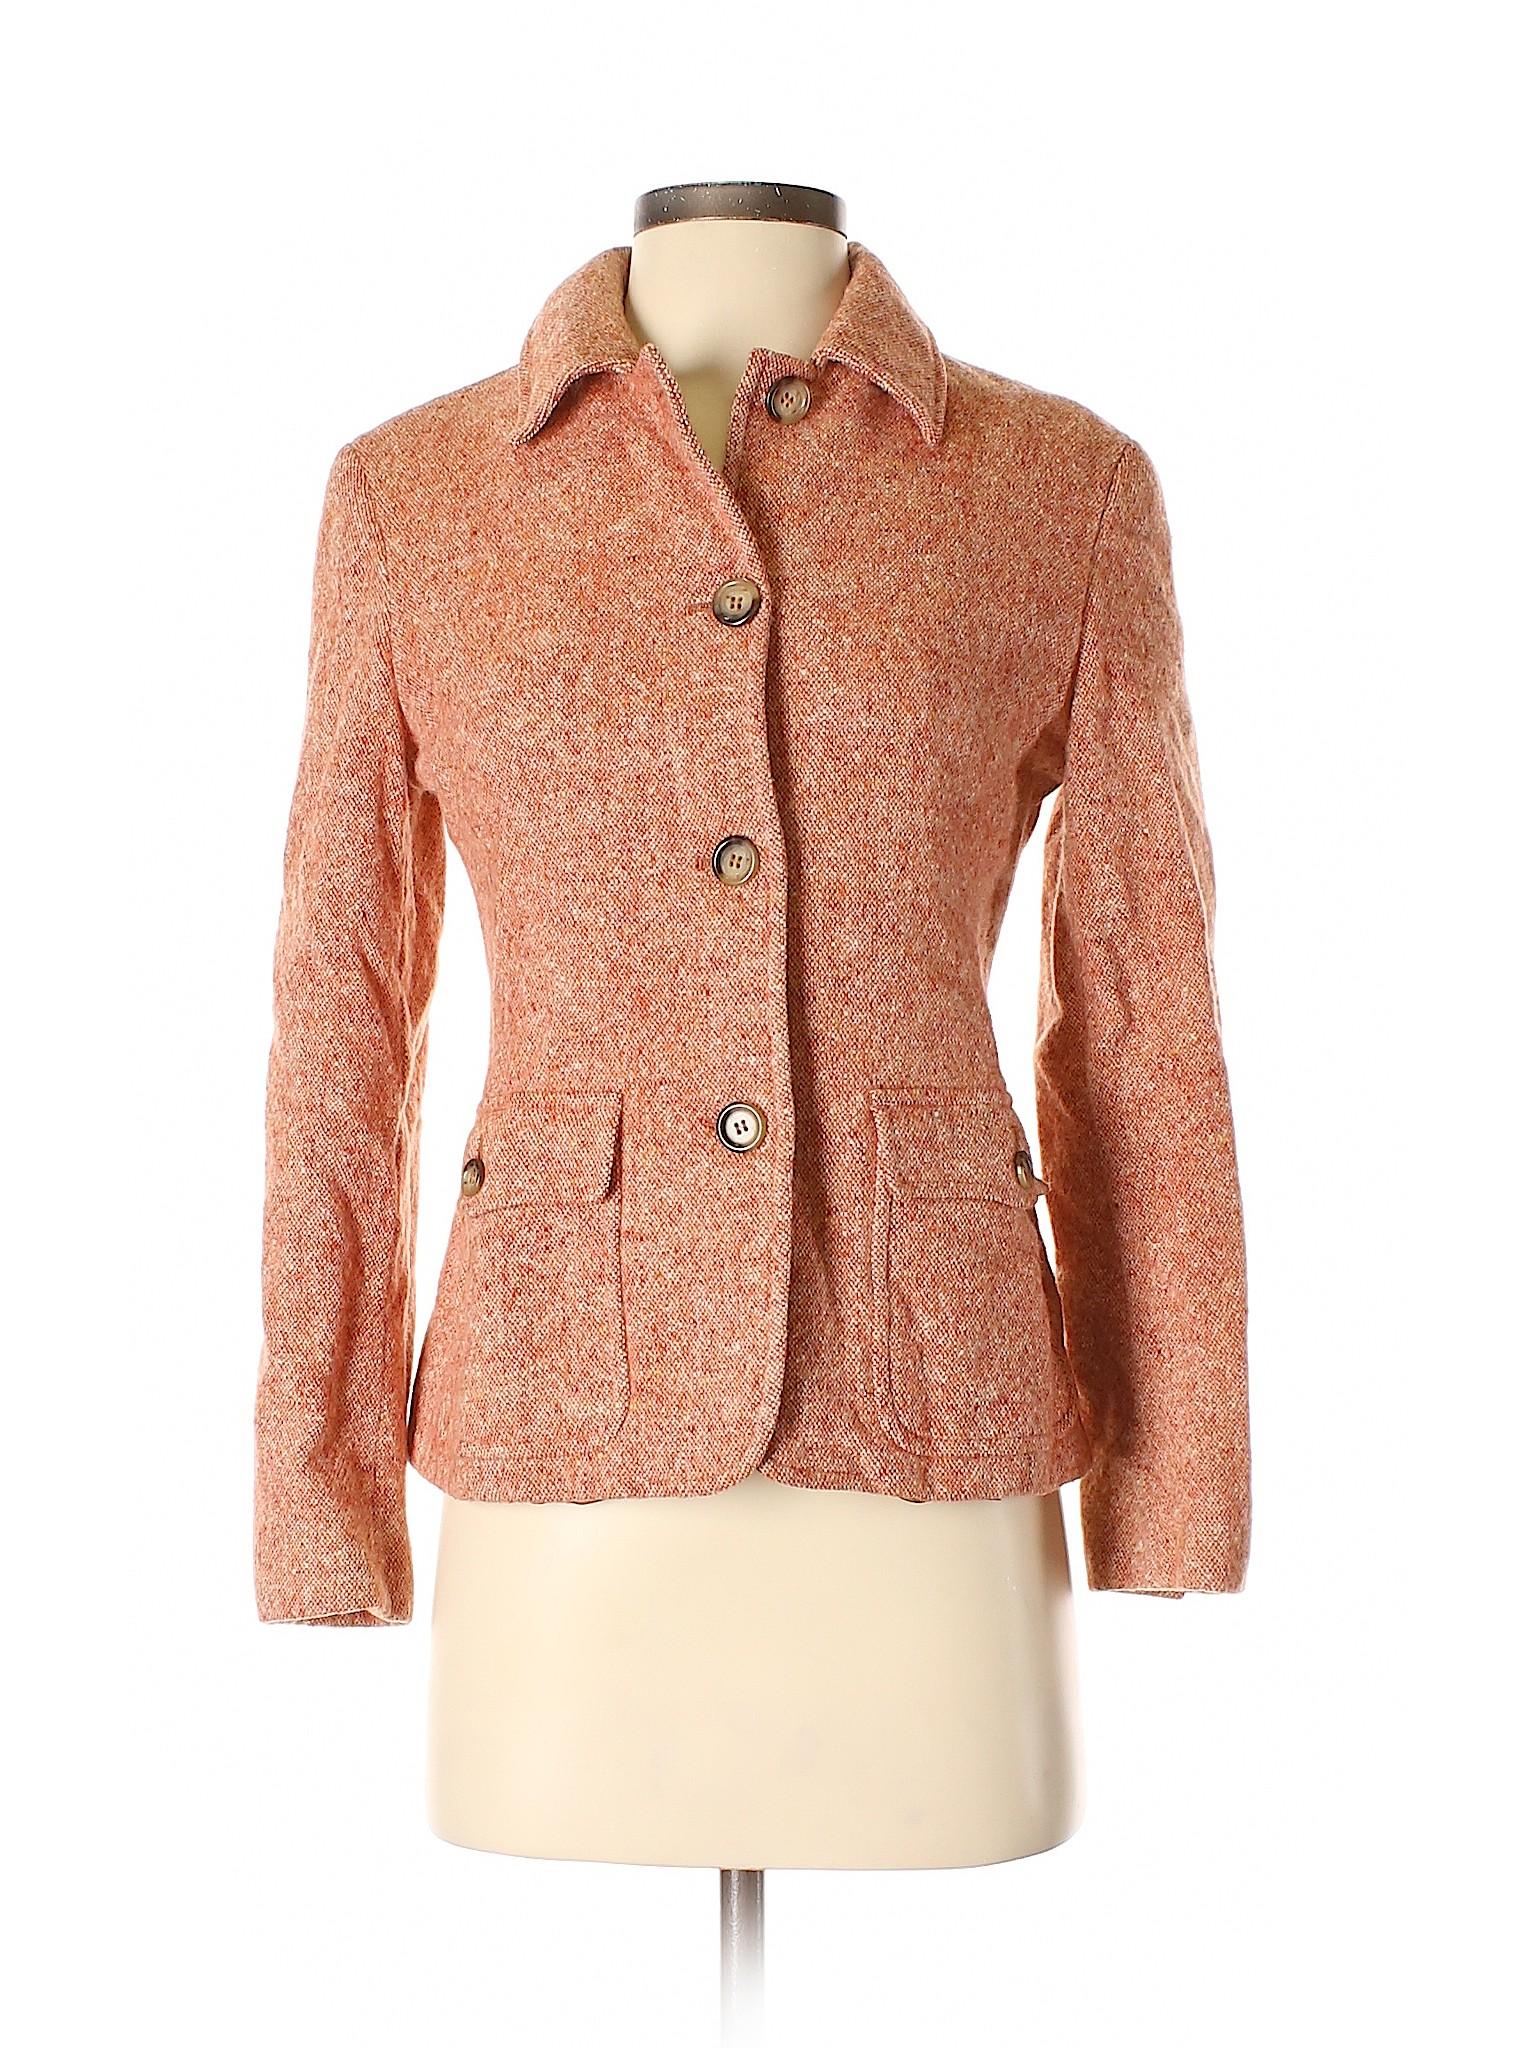 Mara Boutique Blazer Wool Max Weekend winter twwnBq7S1